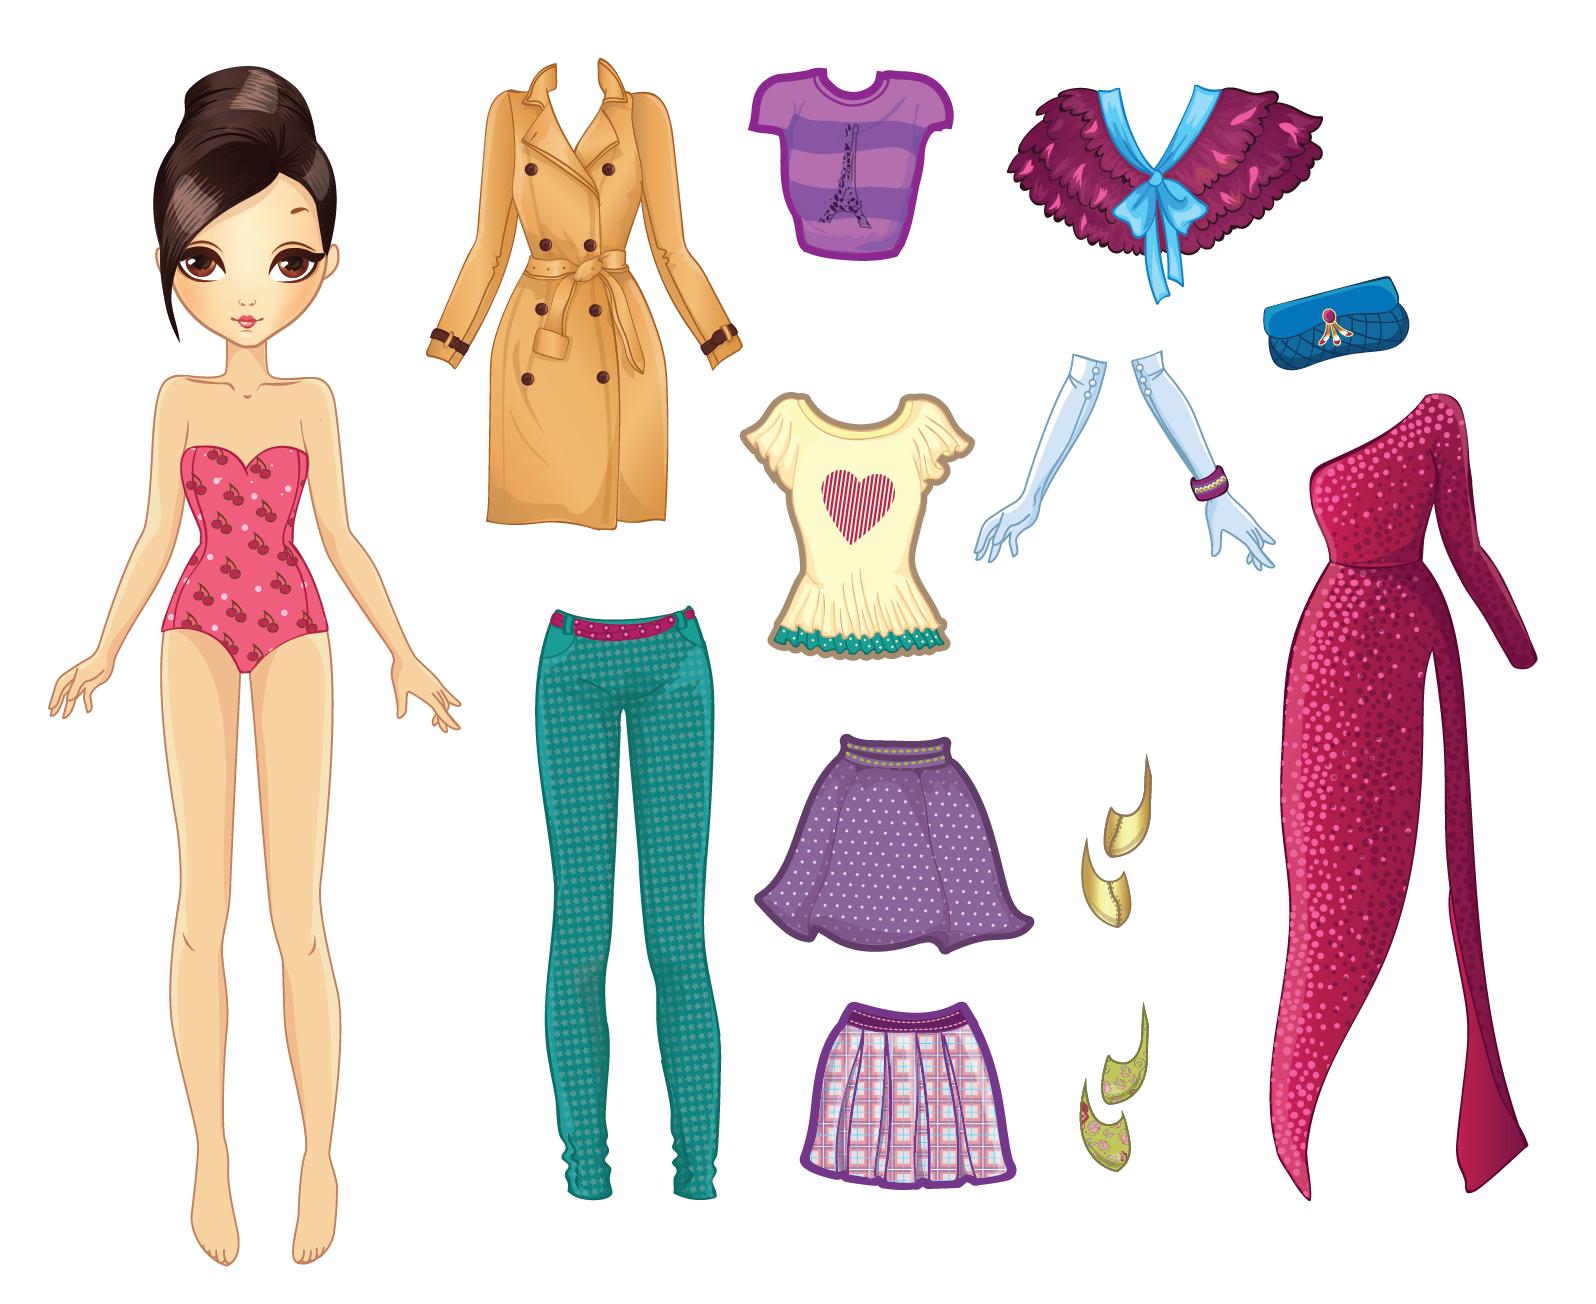 картинки бумажных кукол в одежде близкие